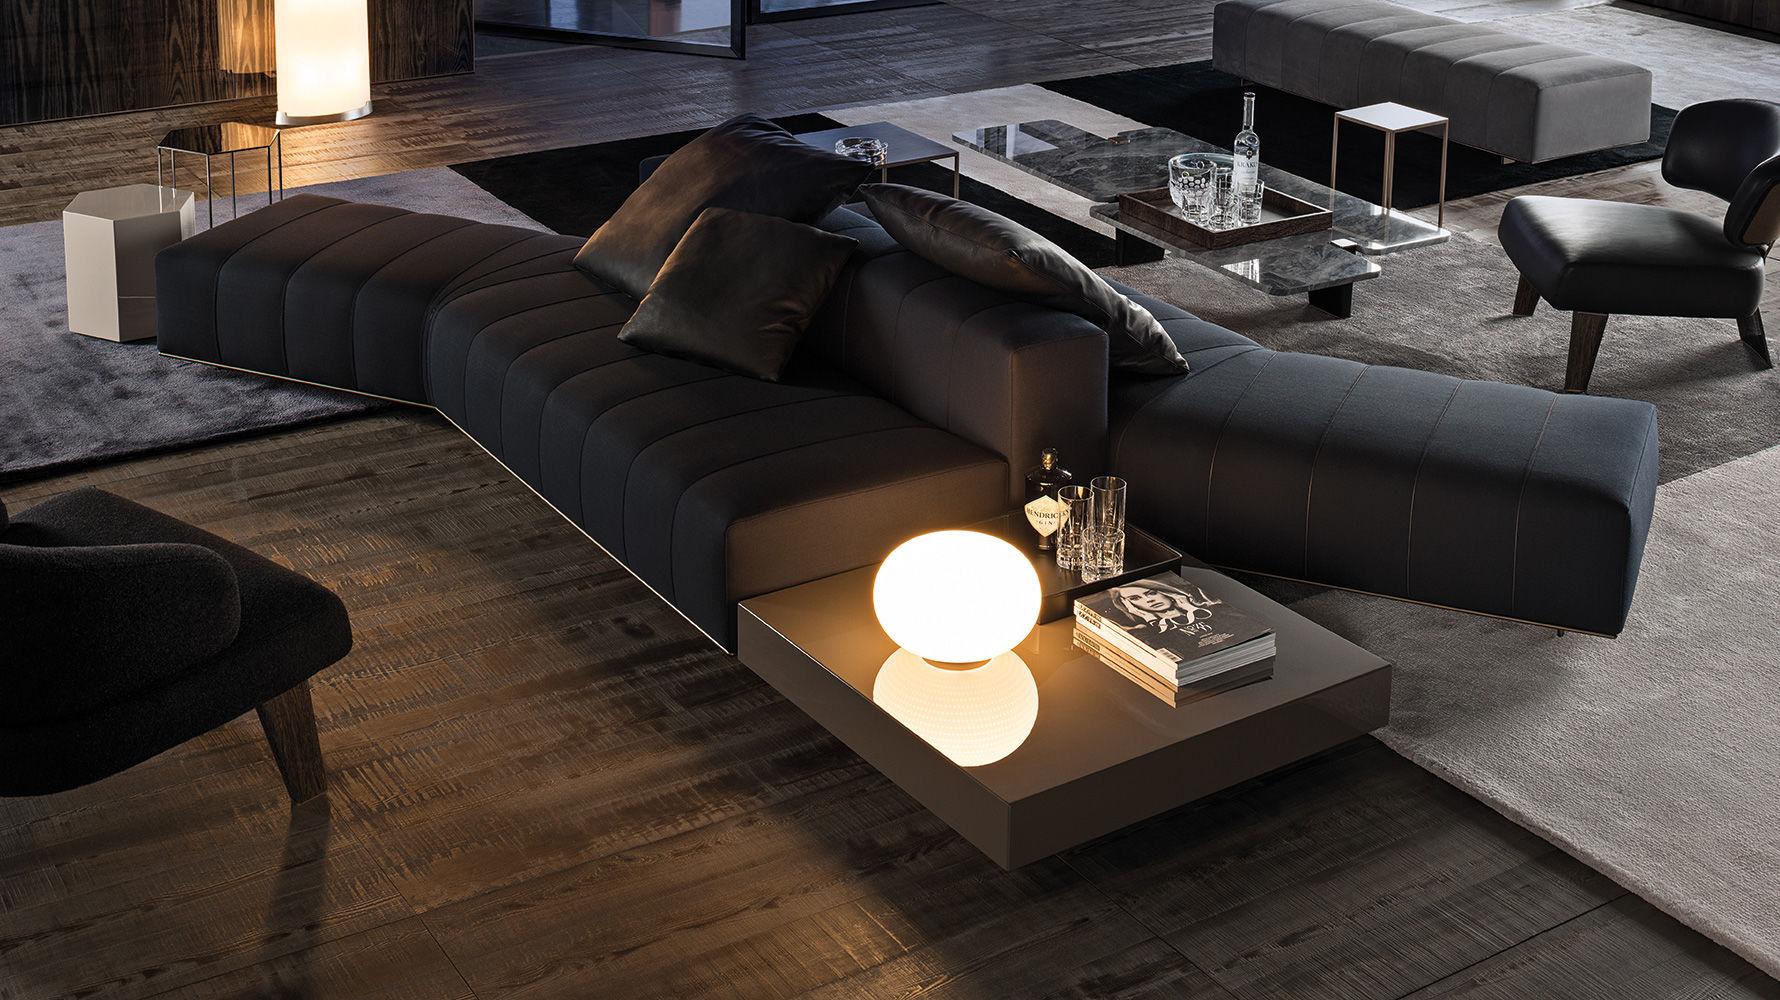 Freeman lounge sofas en - Divano minotti prezzo ...